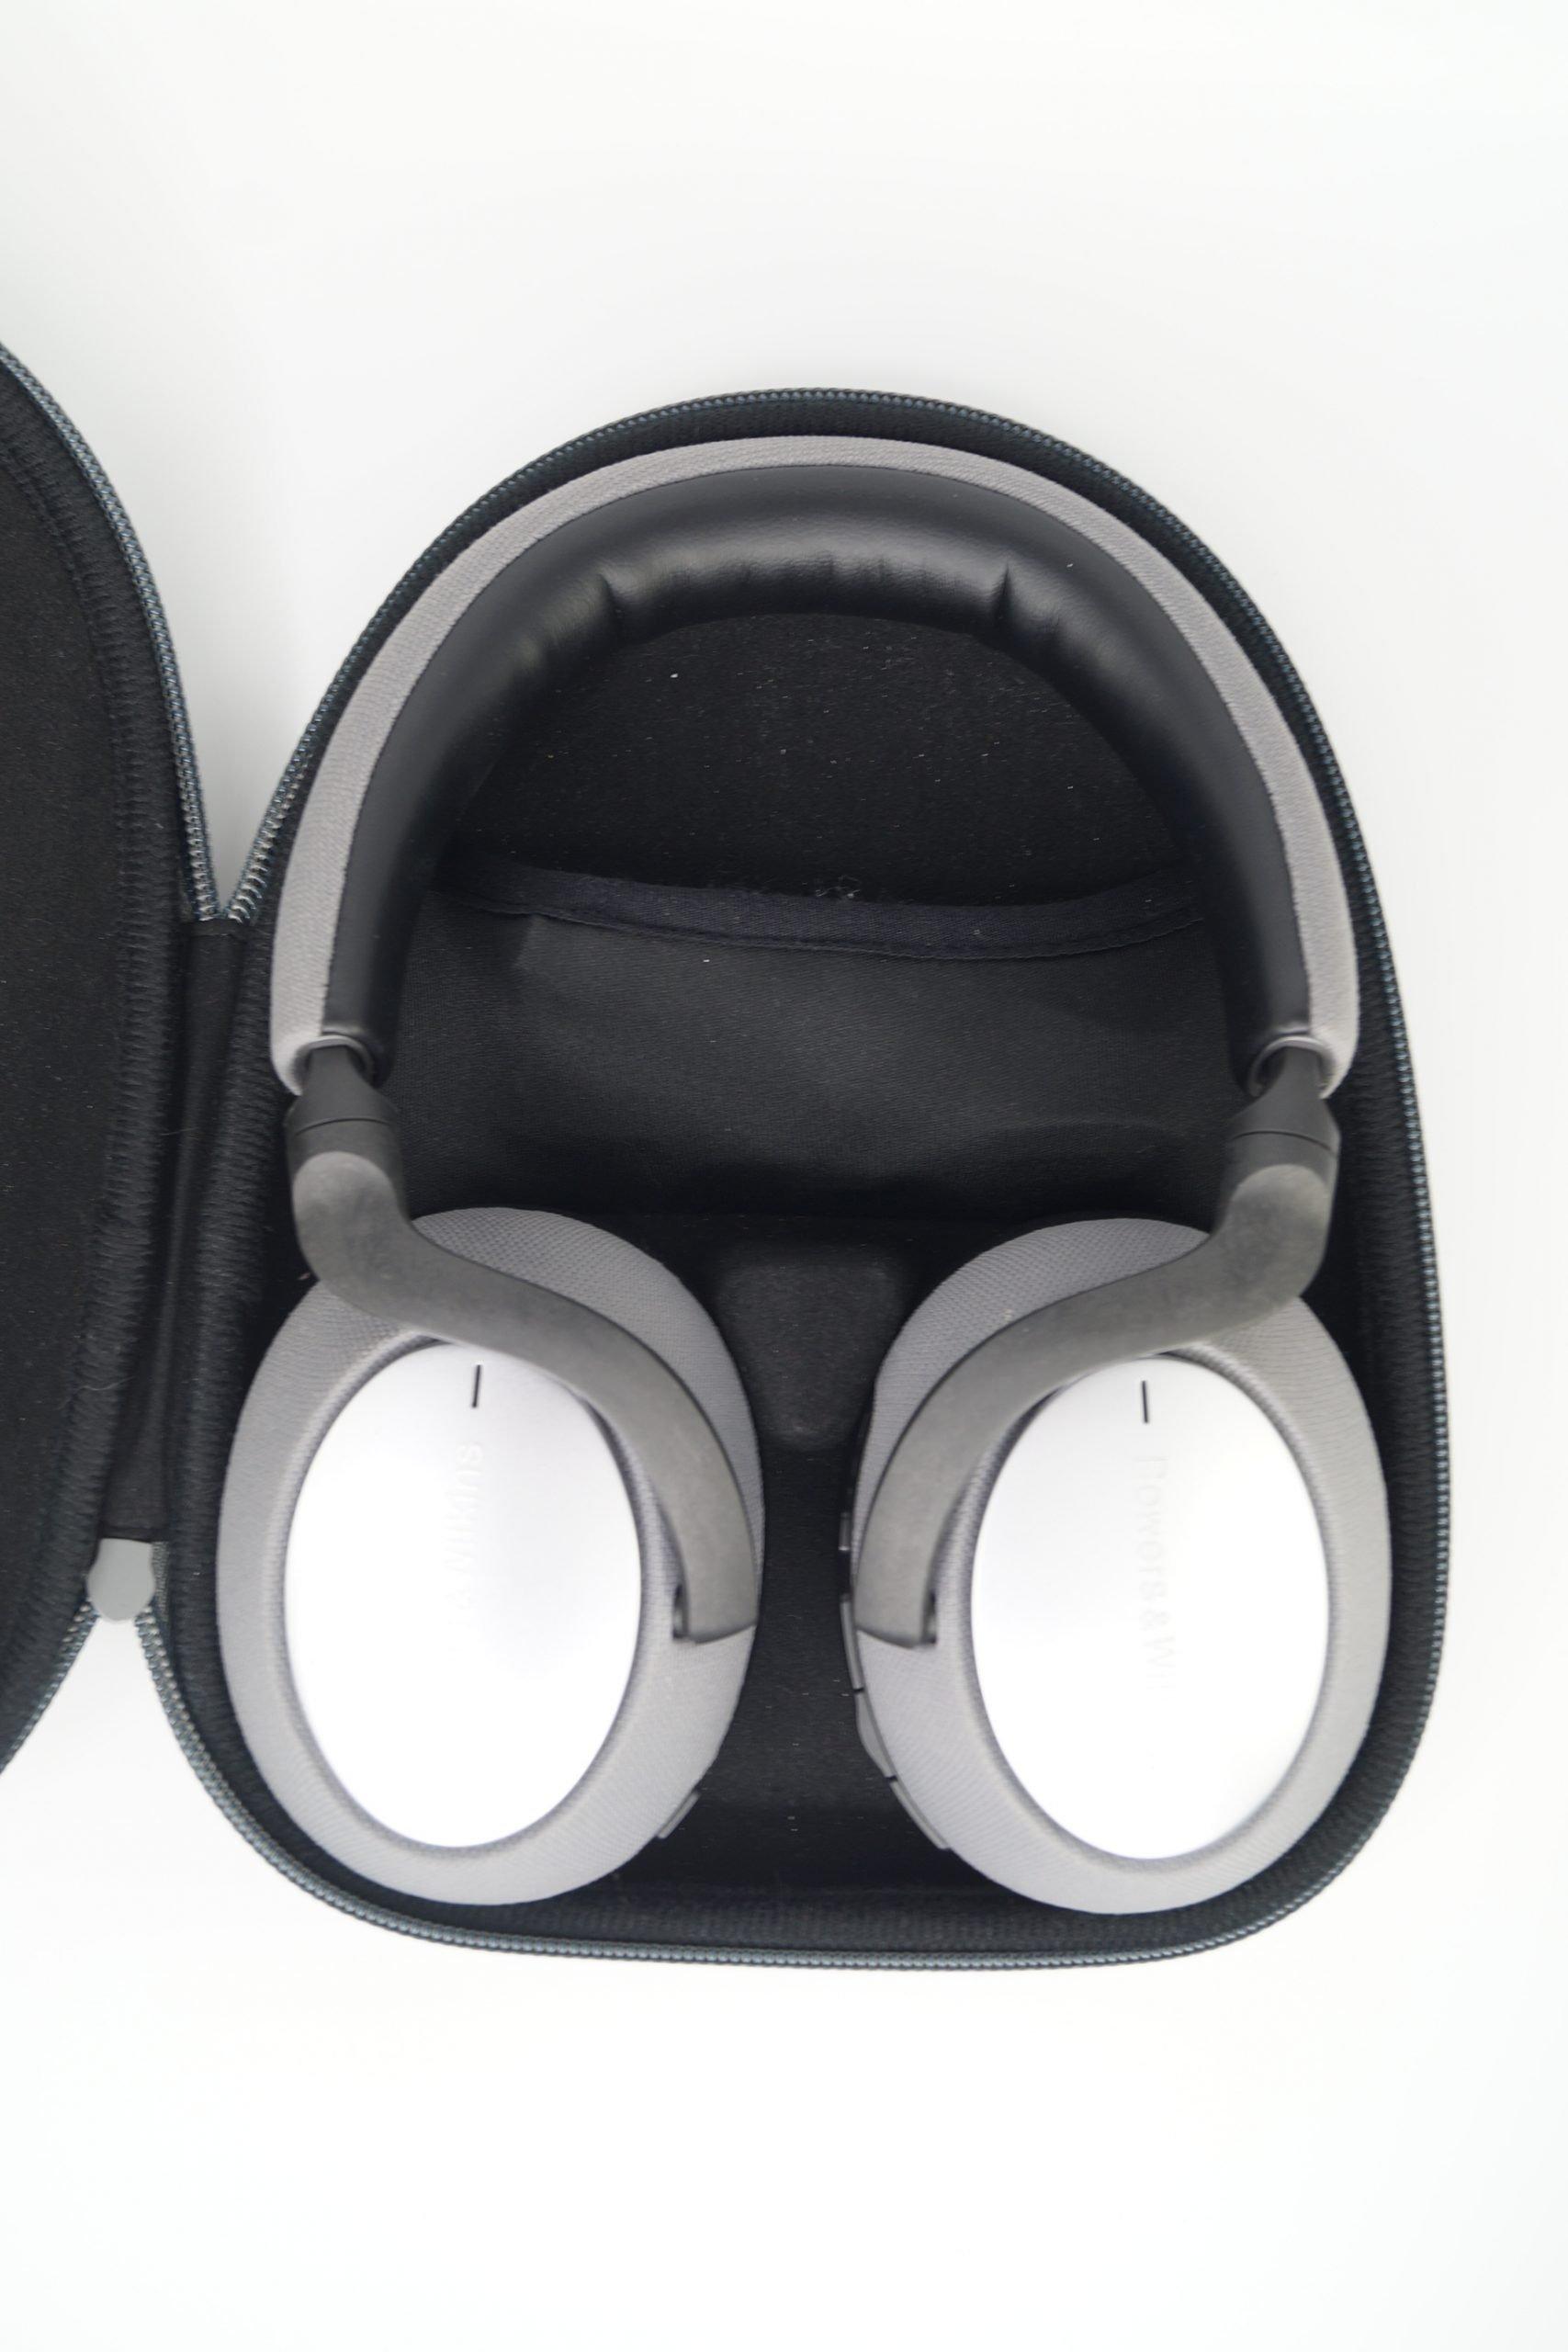 Kopfhörer im Schutzcase Bowers & Wilkins PX7